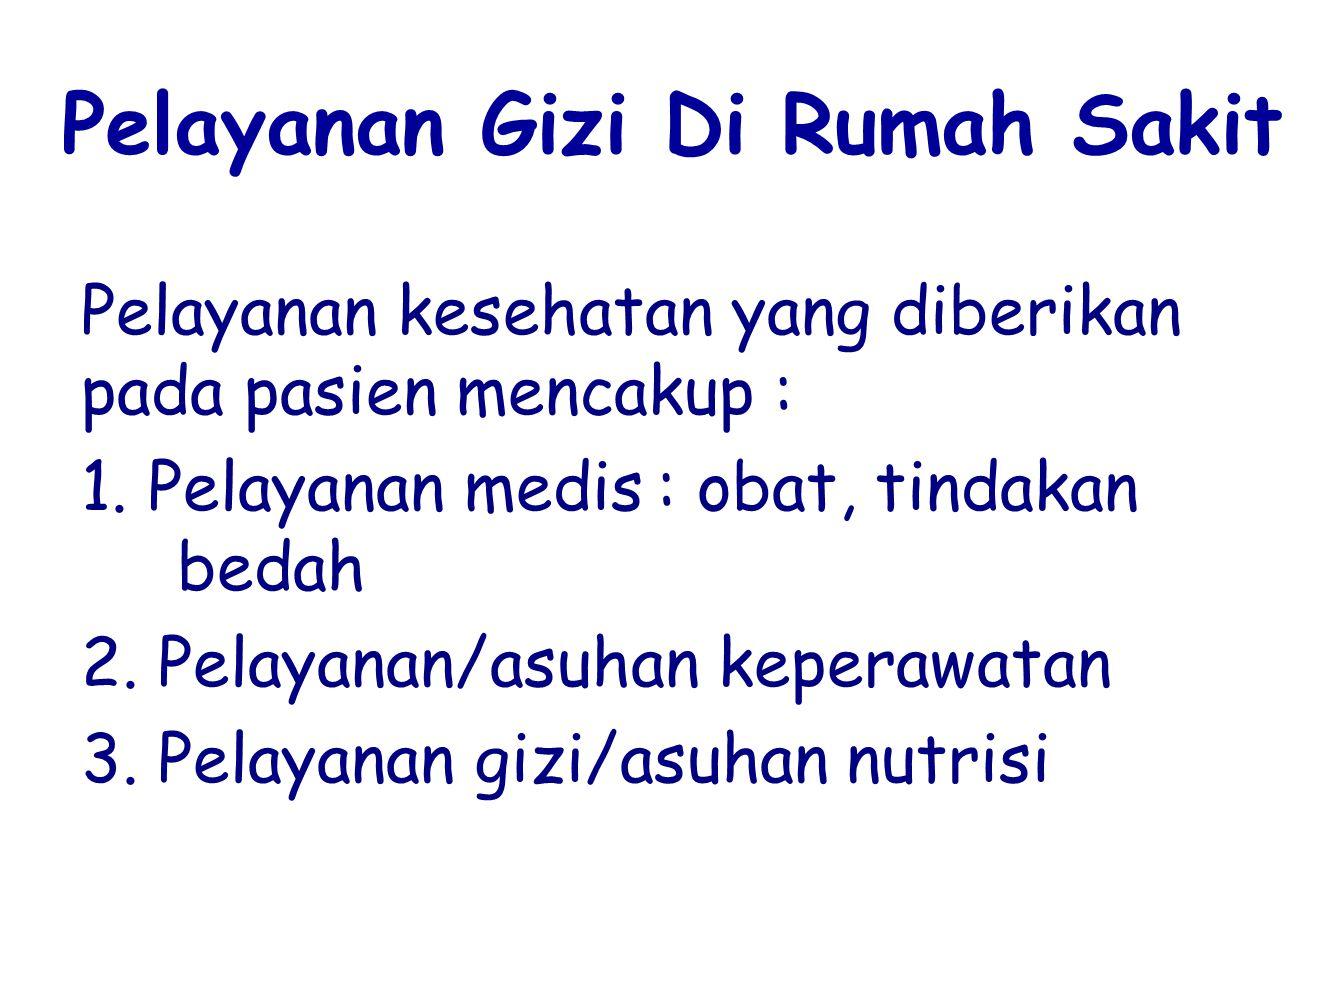 Pelayanan Gizi Di Rumah Sakit Pelayanan kesehatan yang diberikan pada pasien mencakup : 1. Pelayanan medis: obat, tindakan bedah 2. Pelayanan/asuhan k